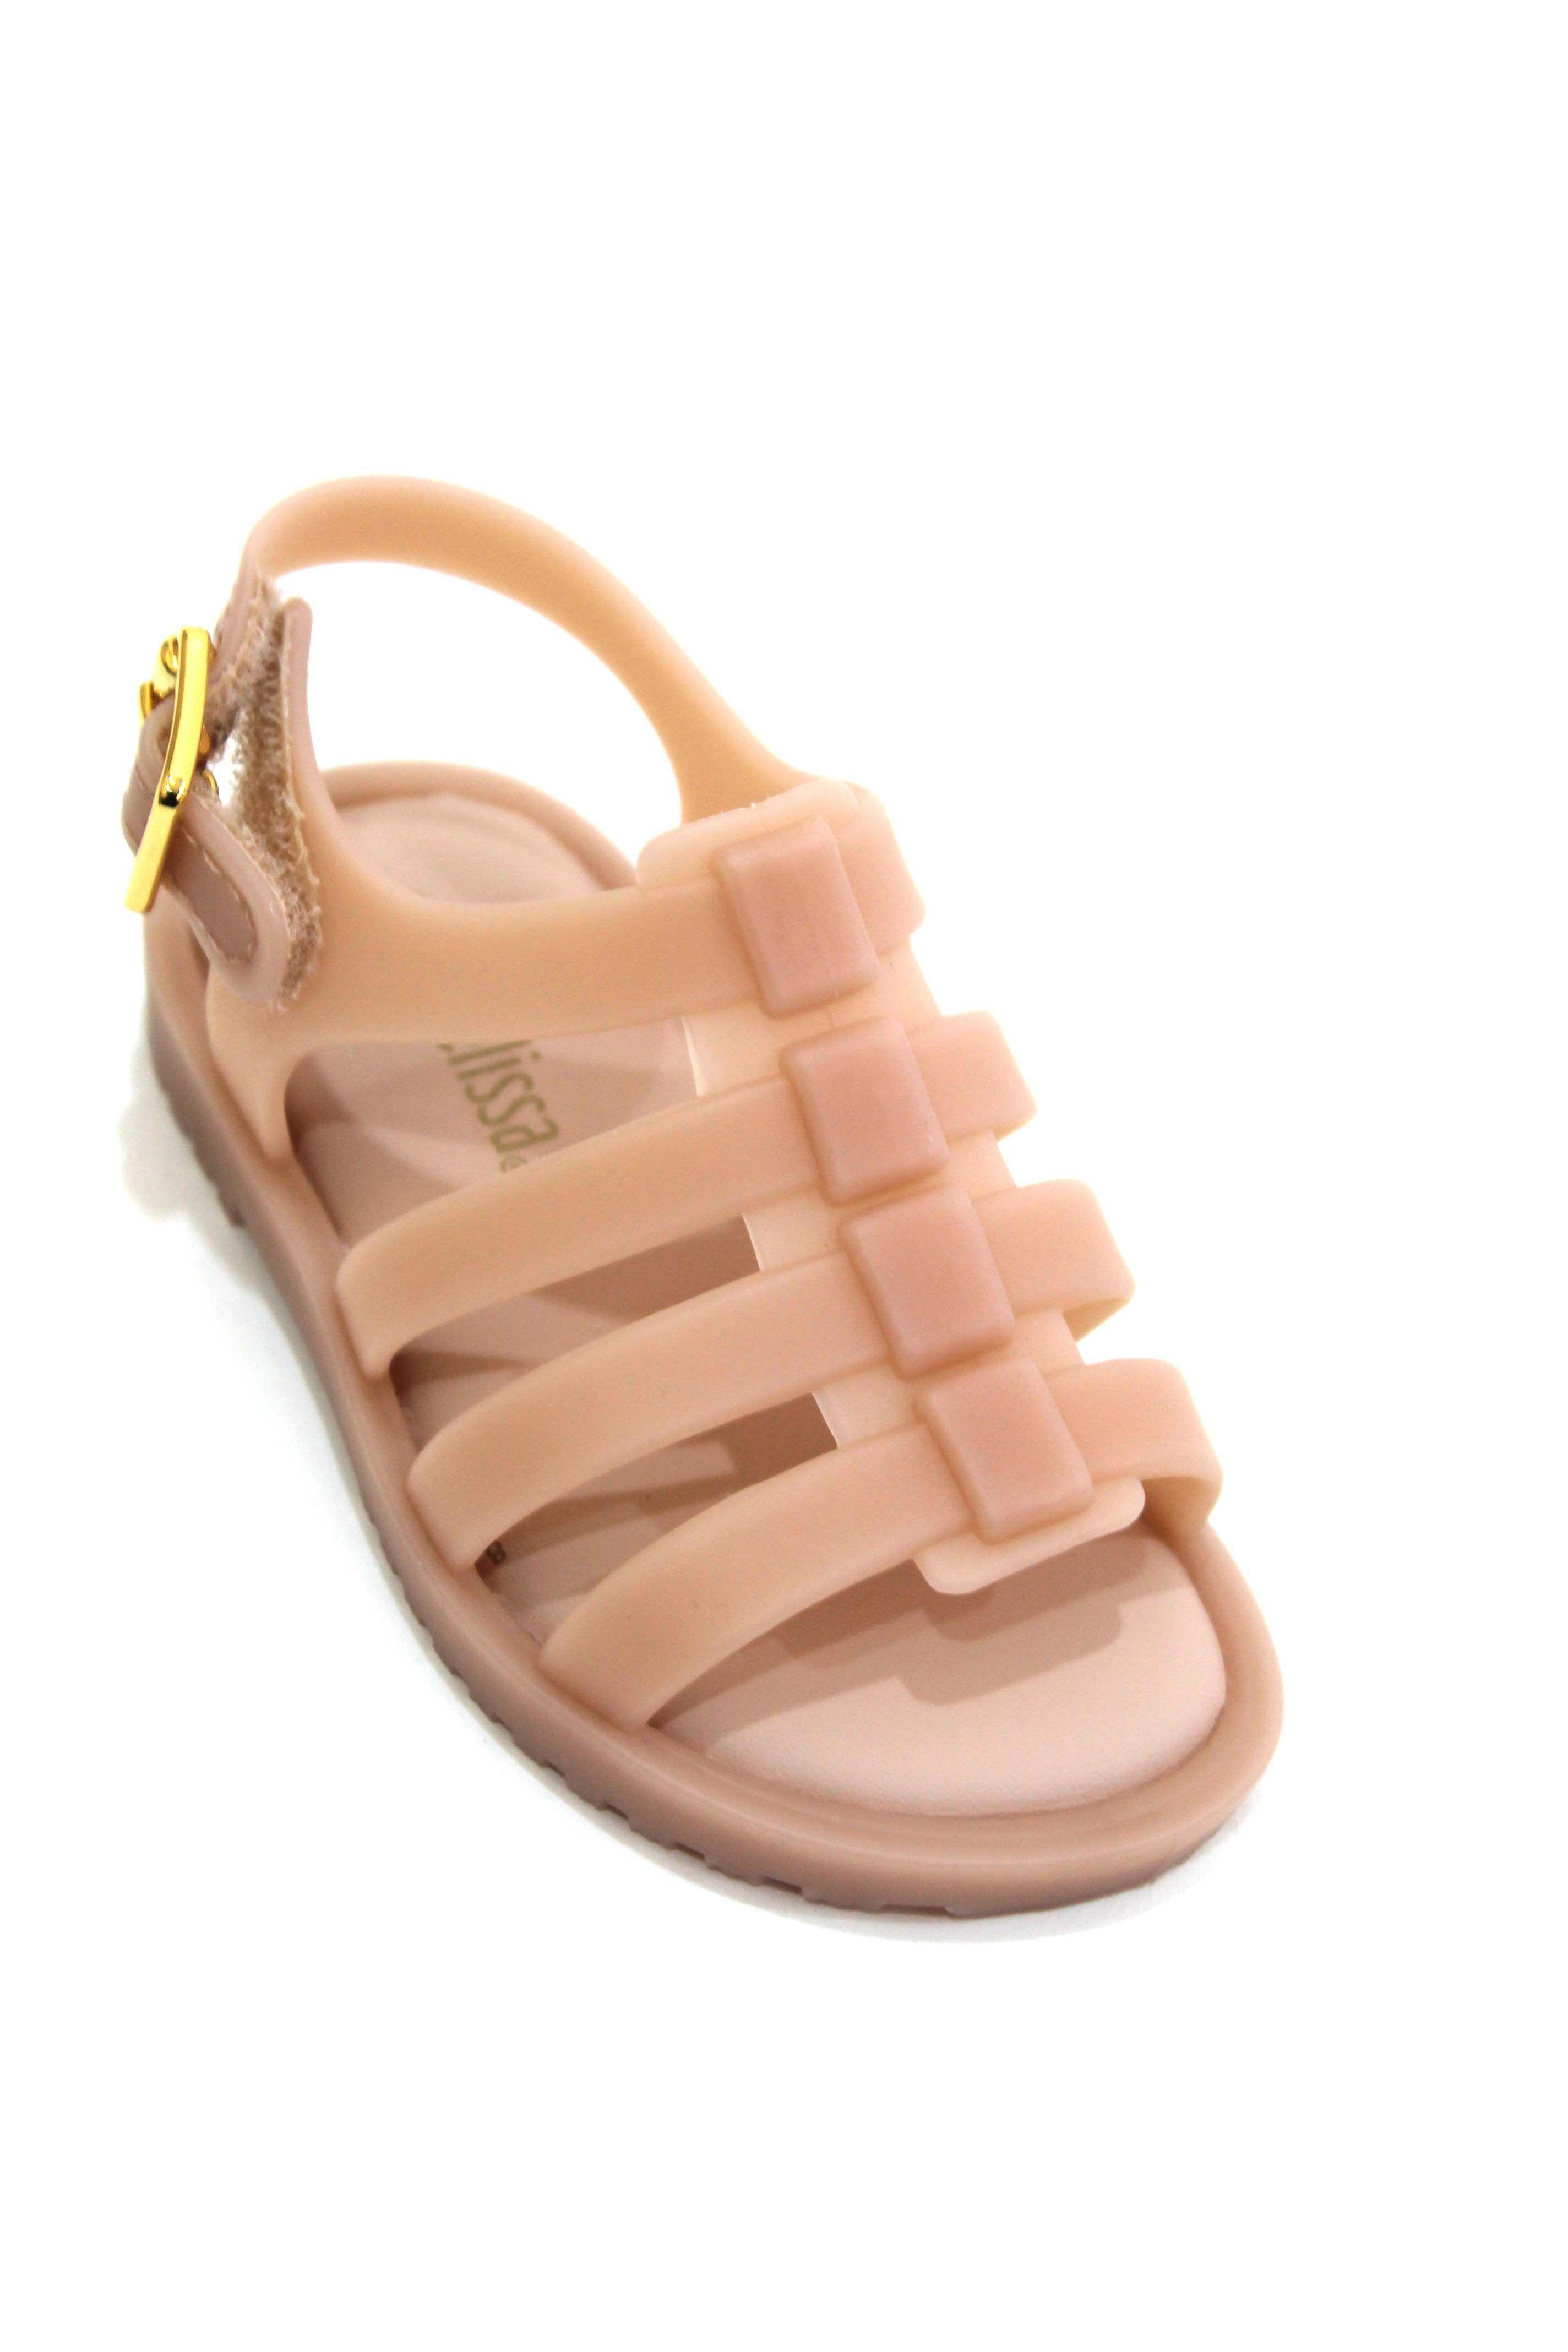 08b2e86fc mini melissa flox - Pesquisa Google Tenis Sapatilha, Sapatos De Criança,  Sapatinhos De Bebe